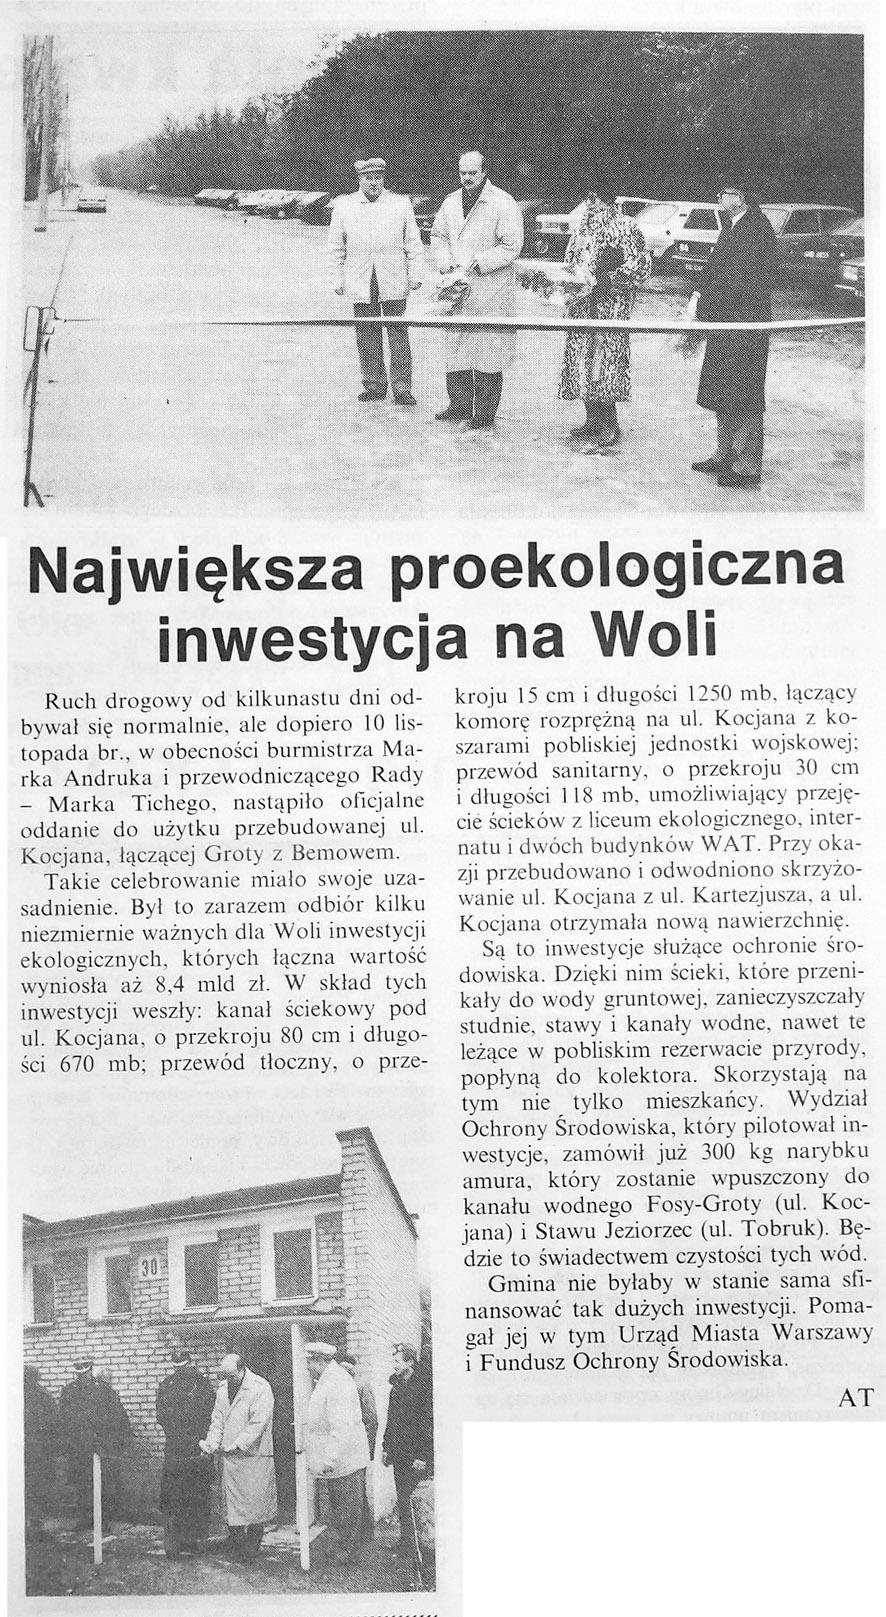 Kurier Wolski 24(27)/1992